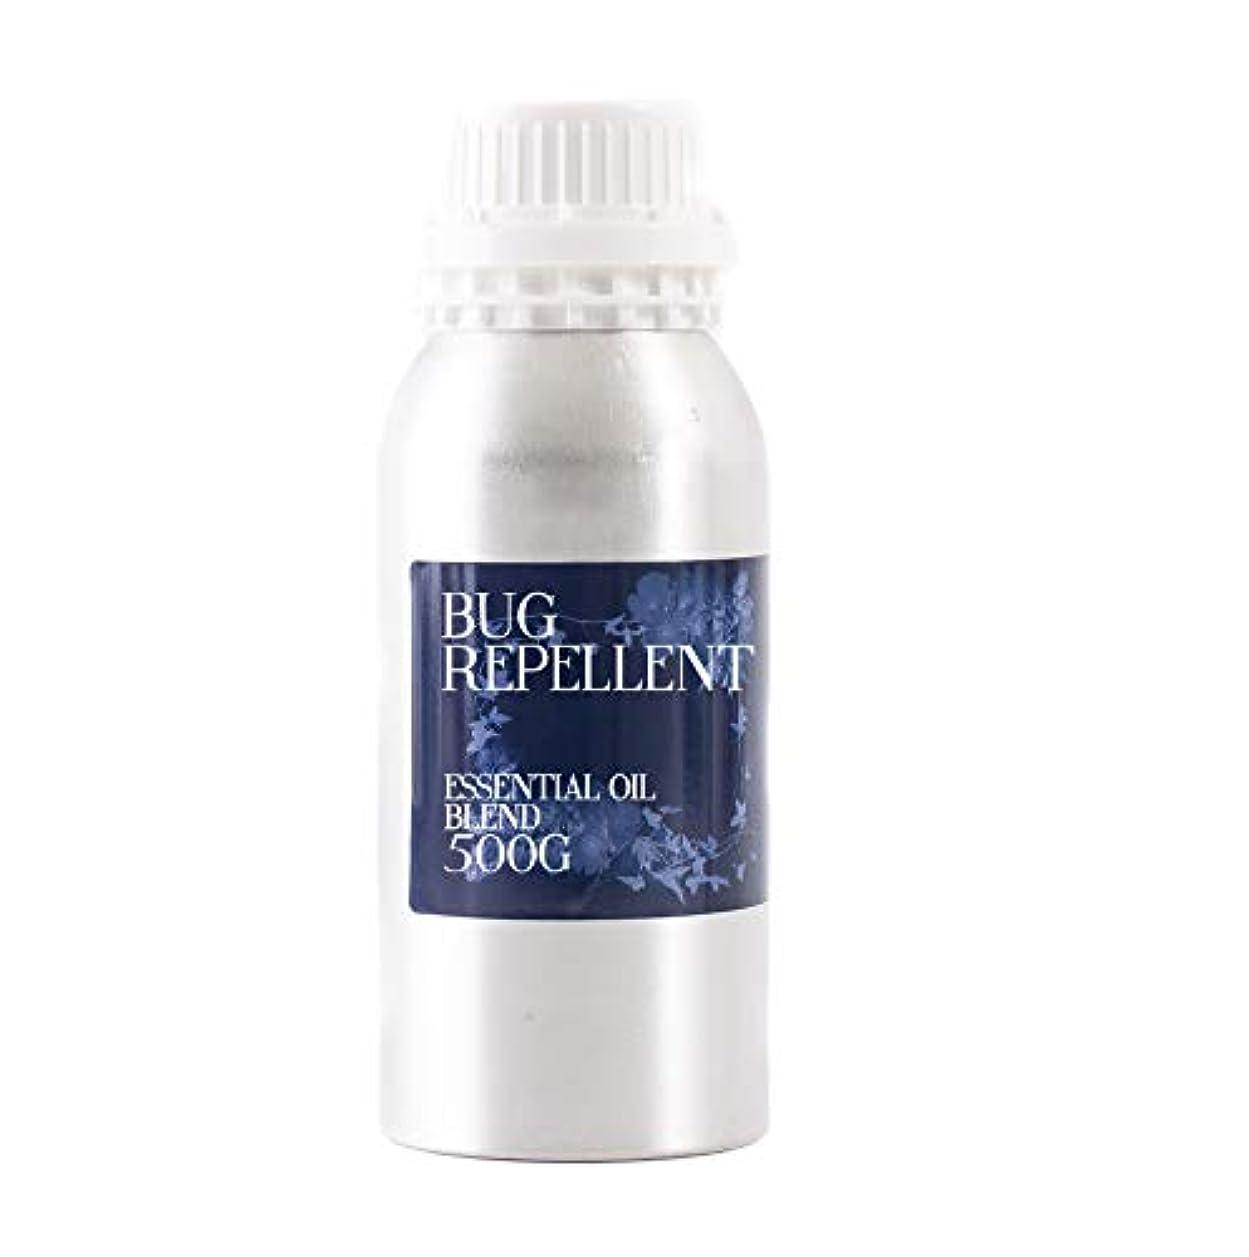 契約するしたがって委託Mystix London   Bug Repellent Essential Oil Blend 500g